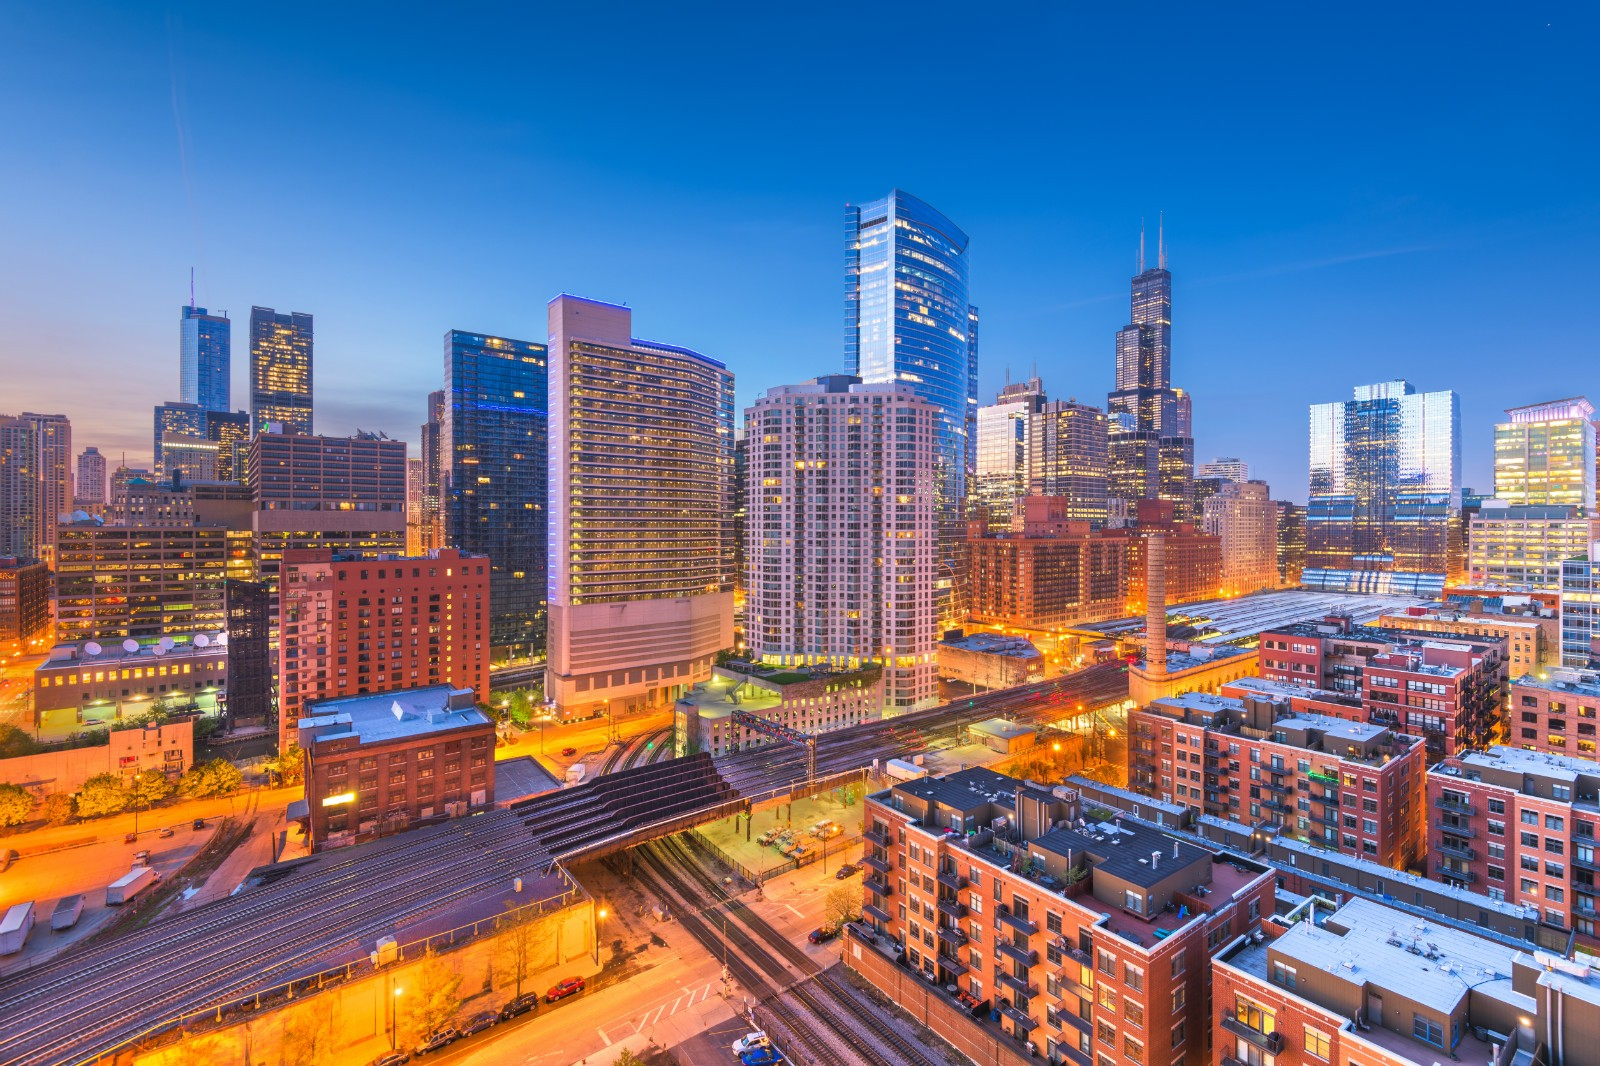 天津市代办公司企业营业执照提醒招投标法将迈入很大修定